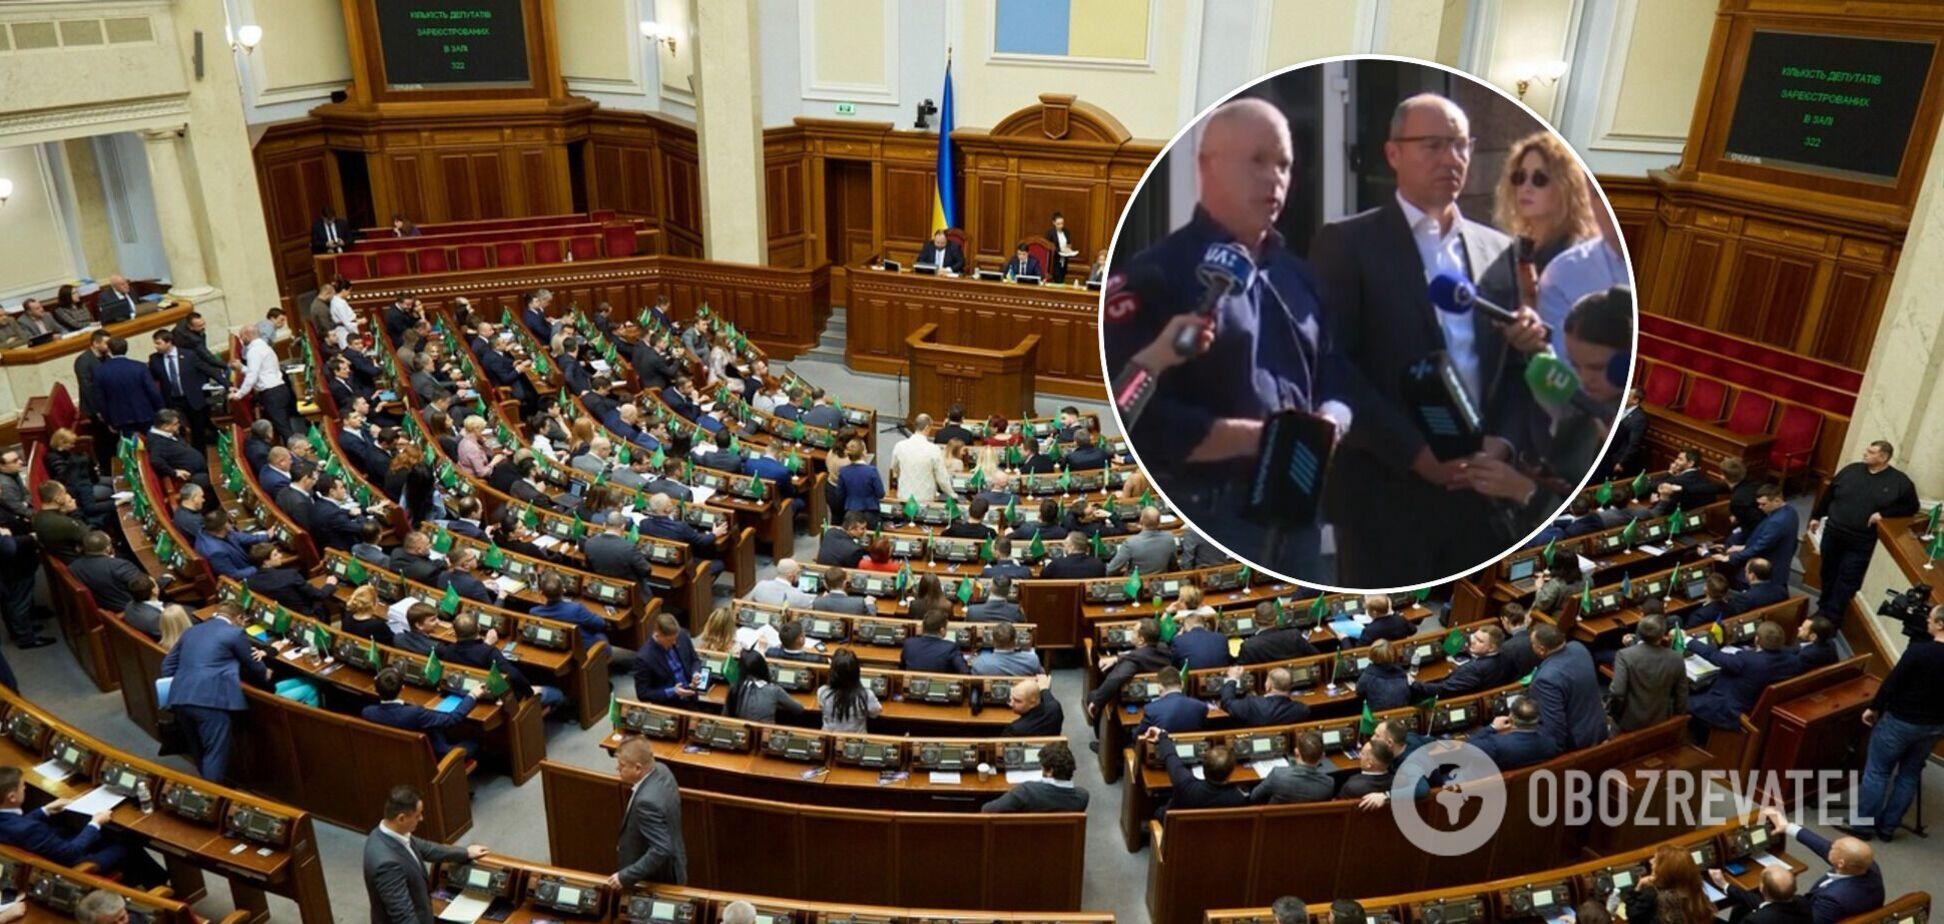 Парламентская ВСК для расследования 'вагнергейта' должна вызвать и заслушать представителей власти